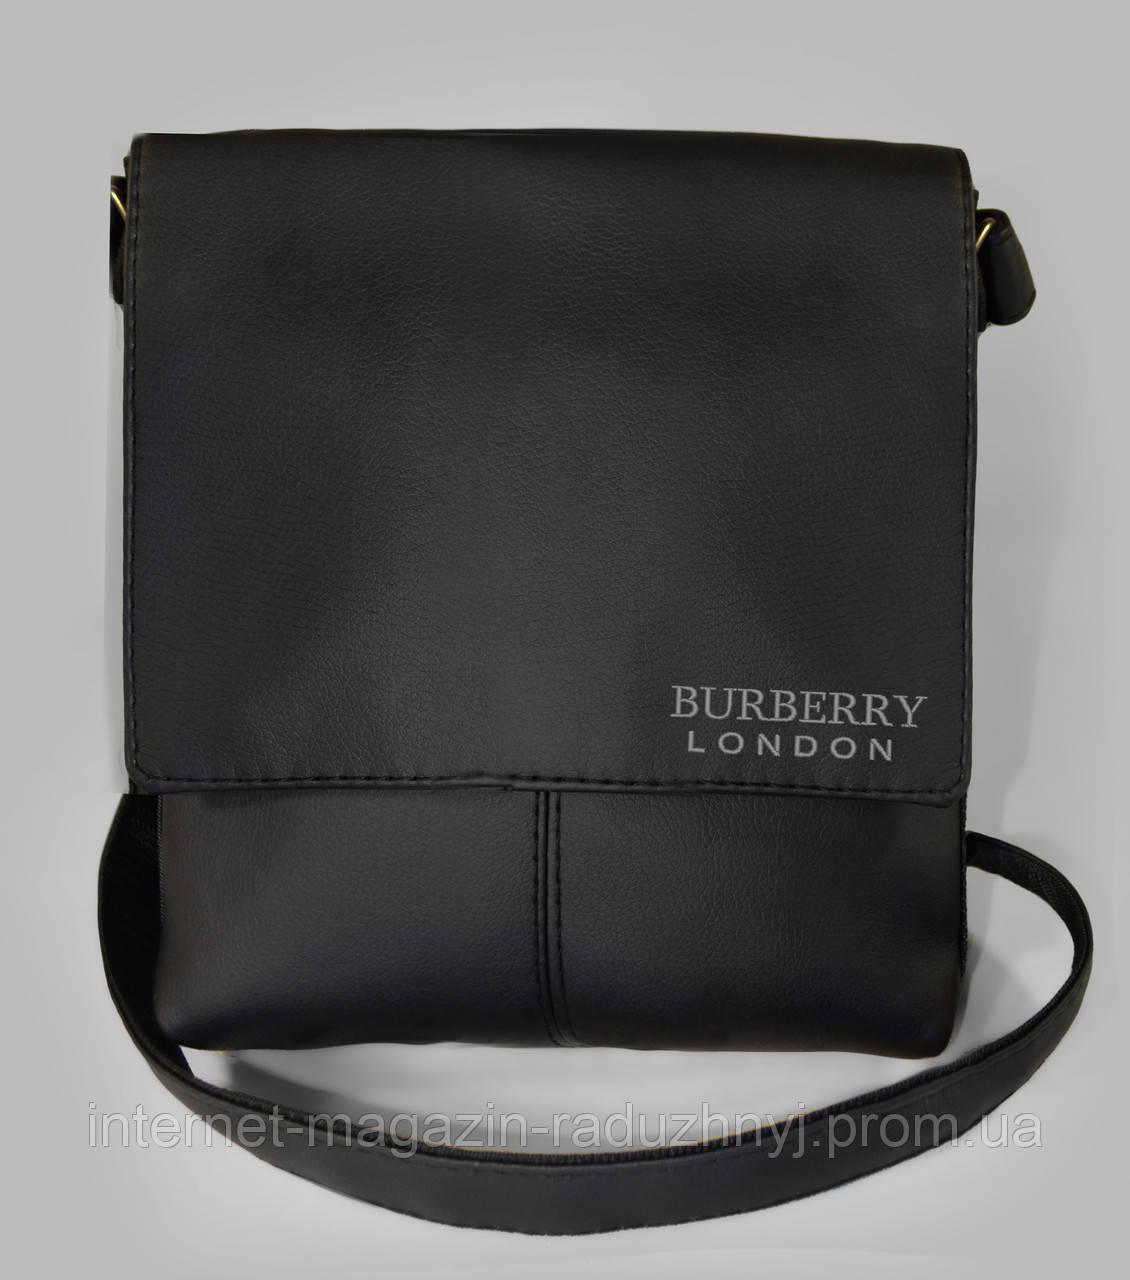 Купить мужскую сумку, недорого в интернет